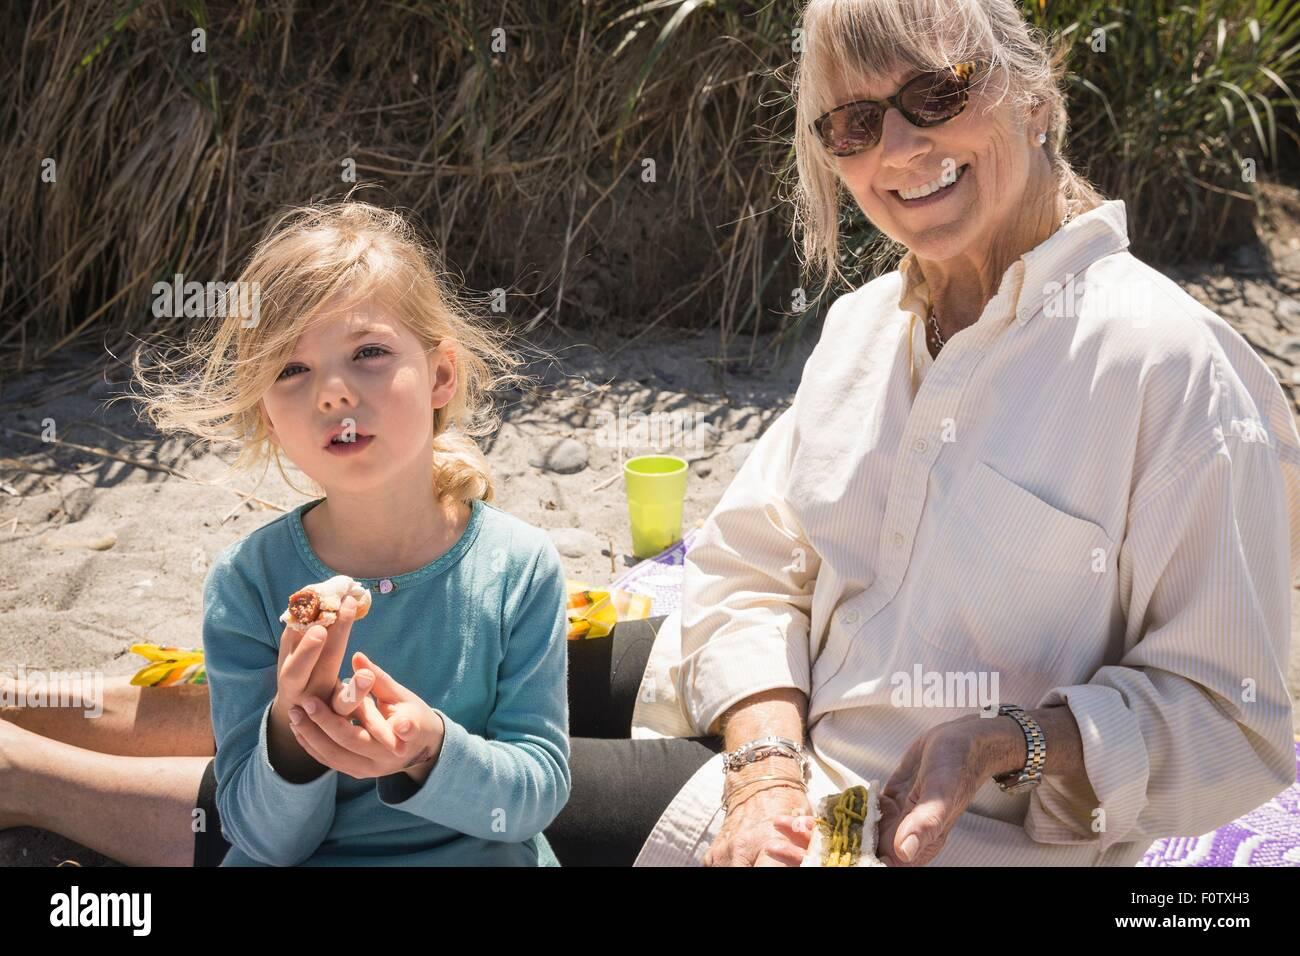 Nonna e nipote sulla spiaggia con picnic Immagini Stock